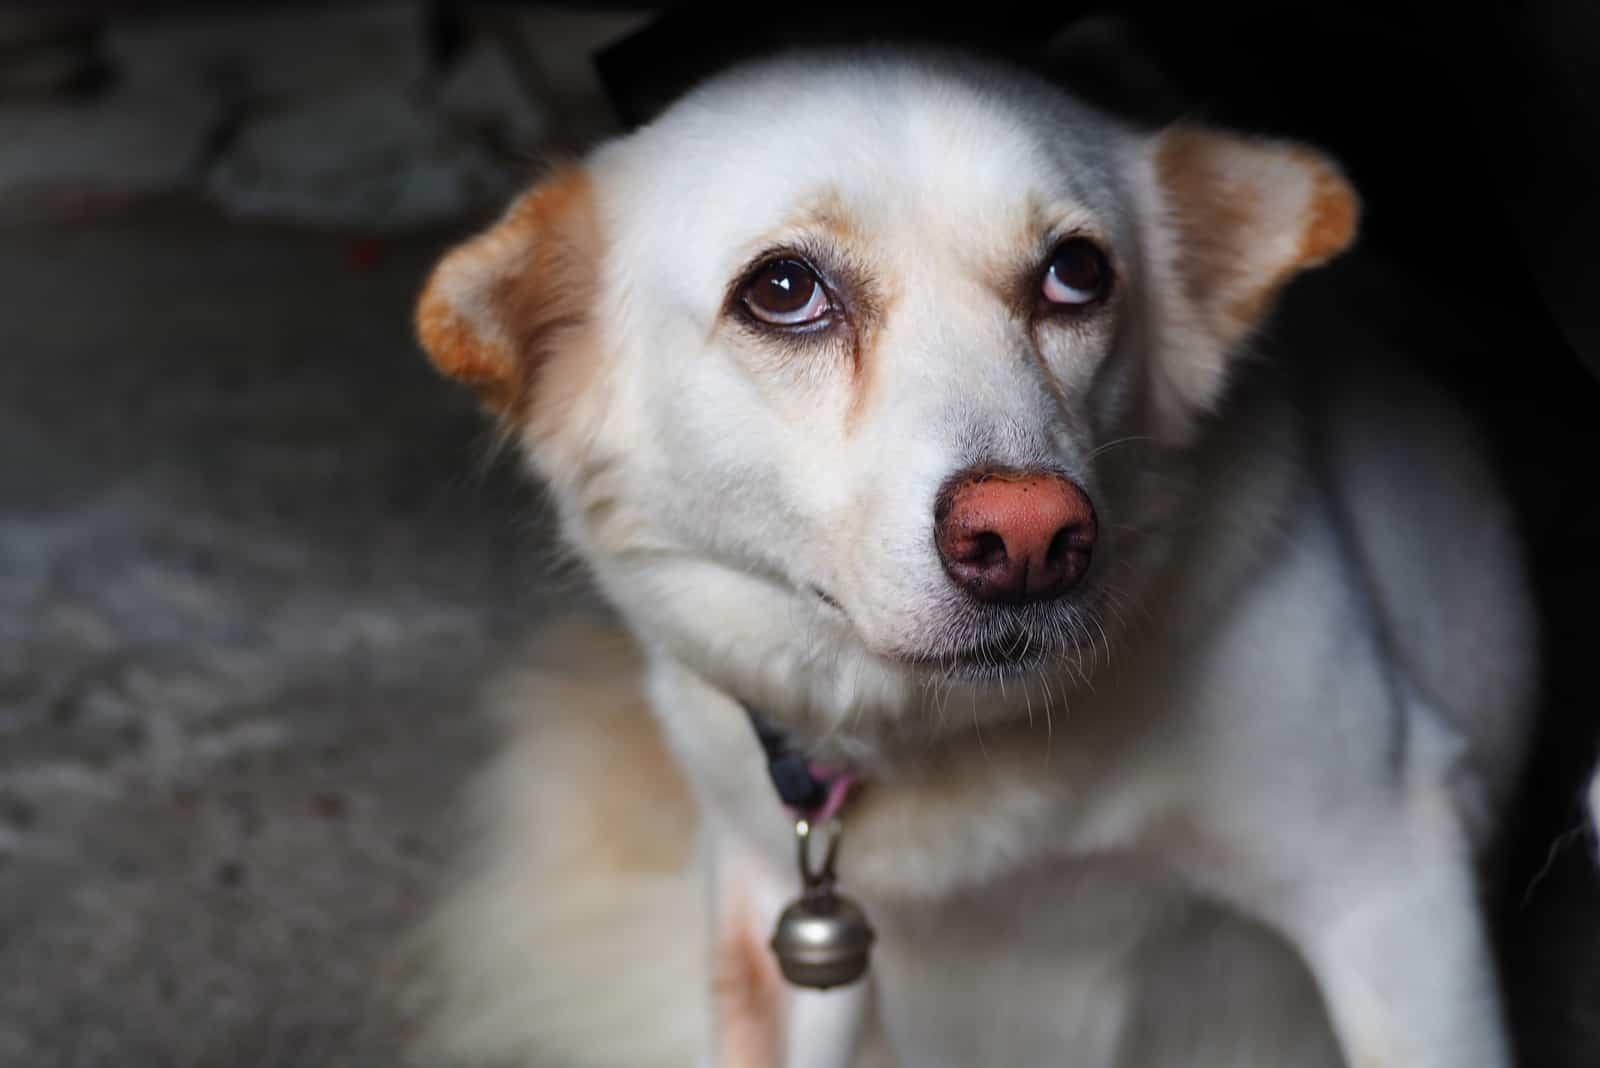 Ein Hund, der von einem Fremden erschreckt wird